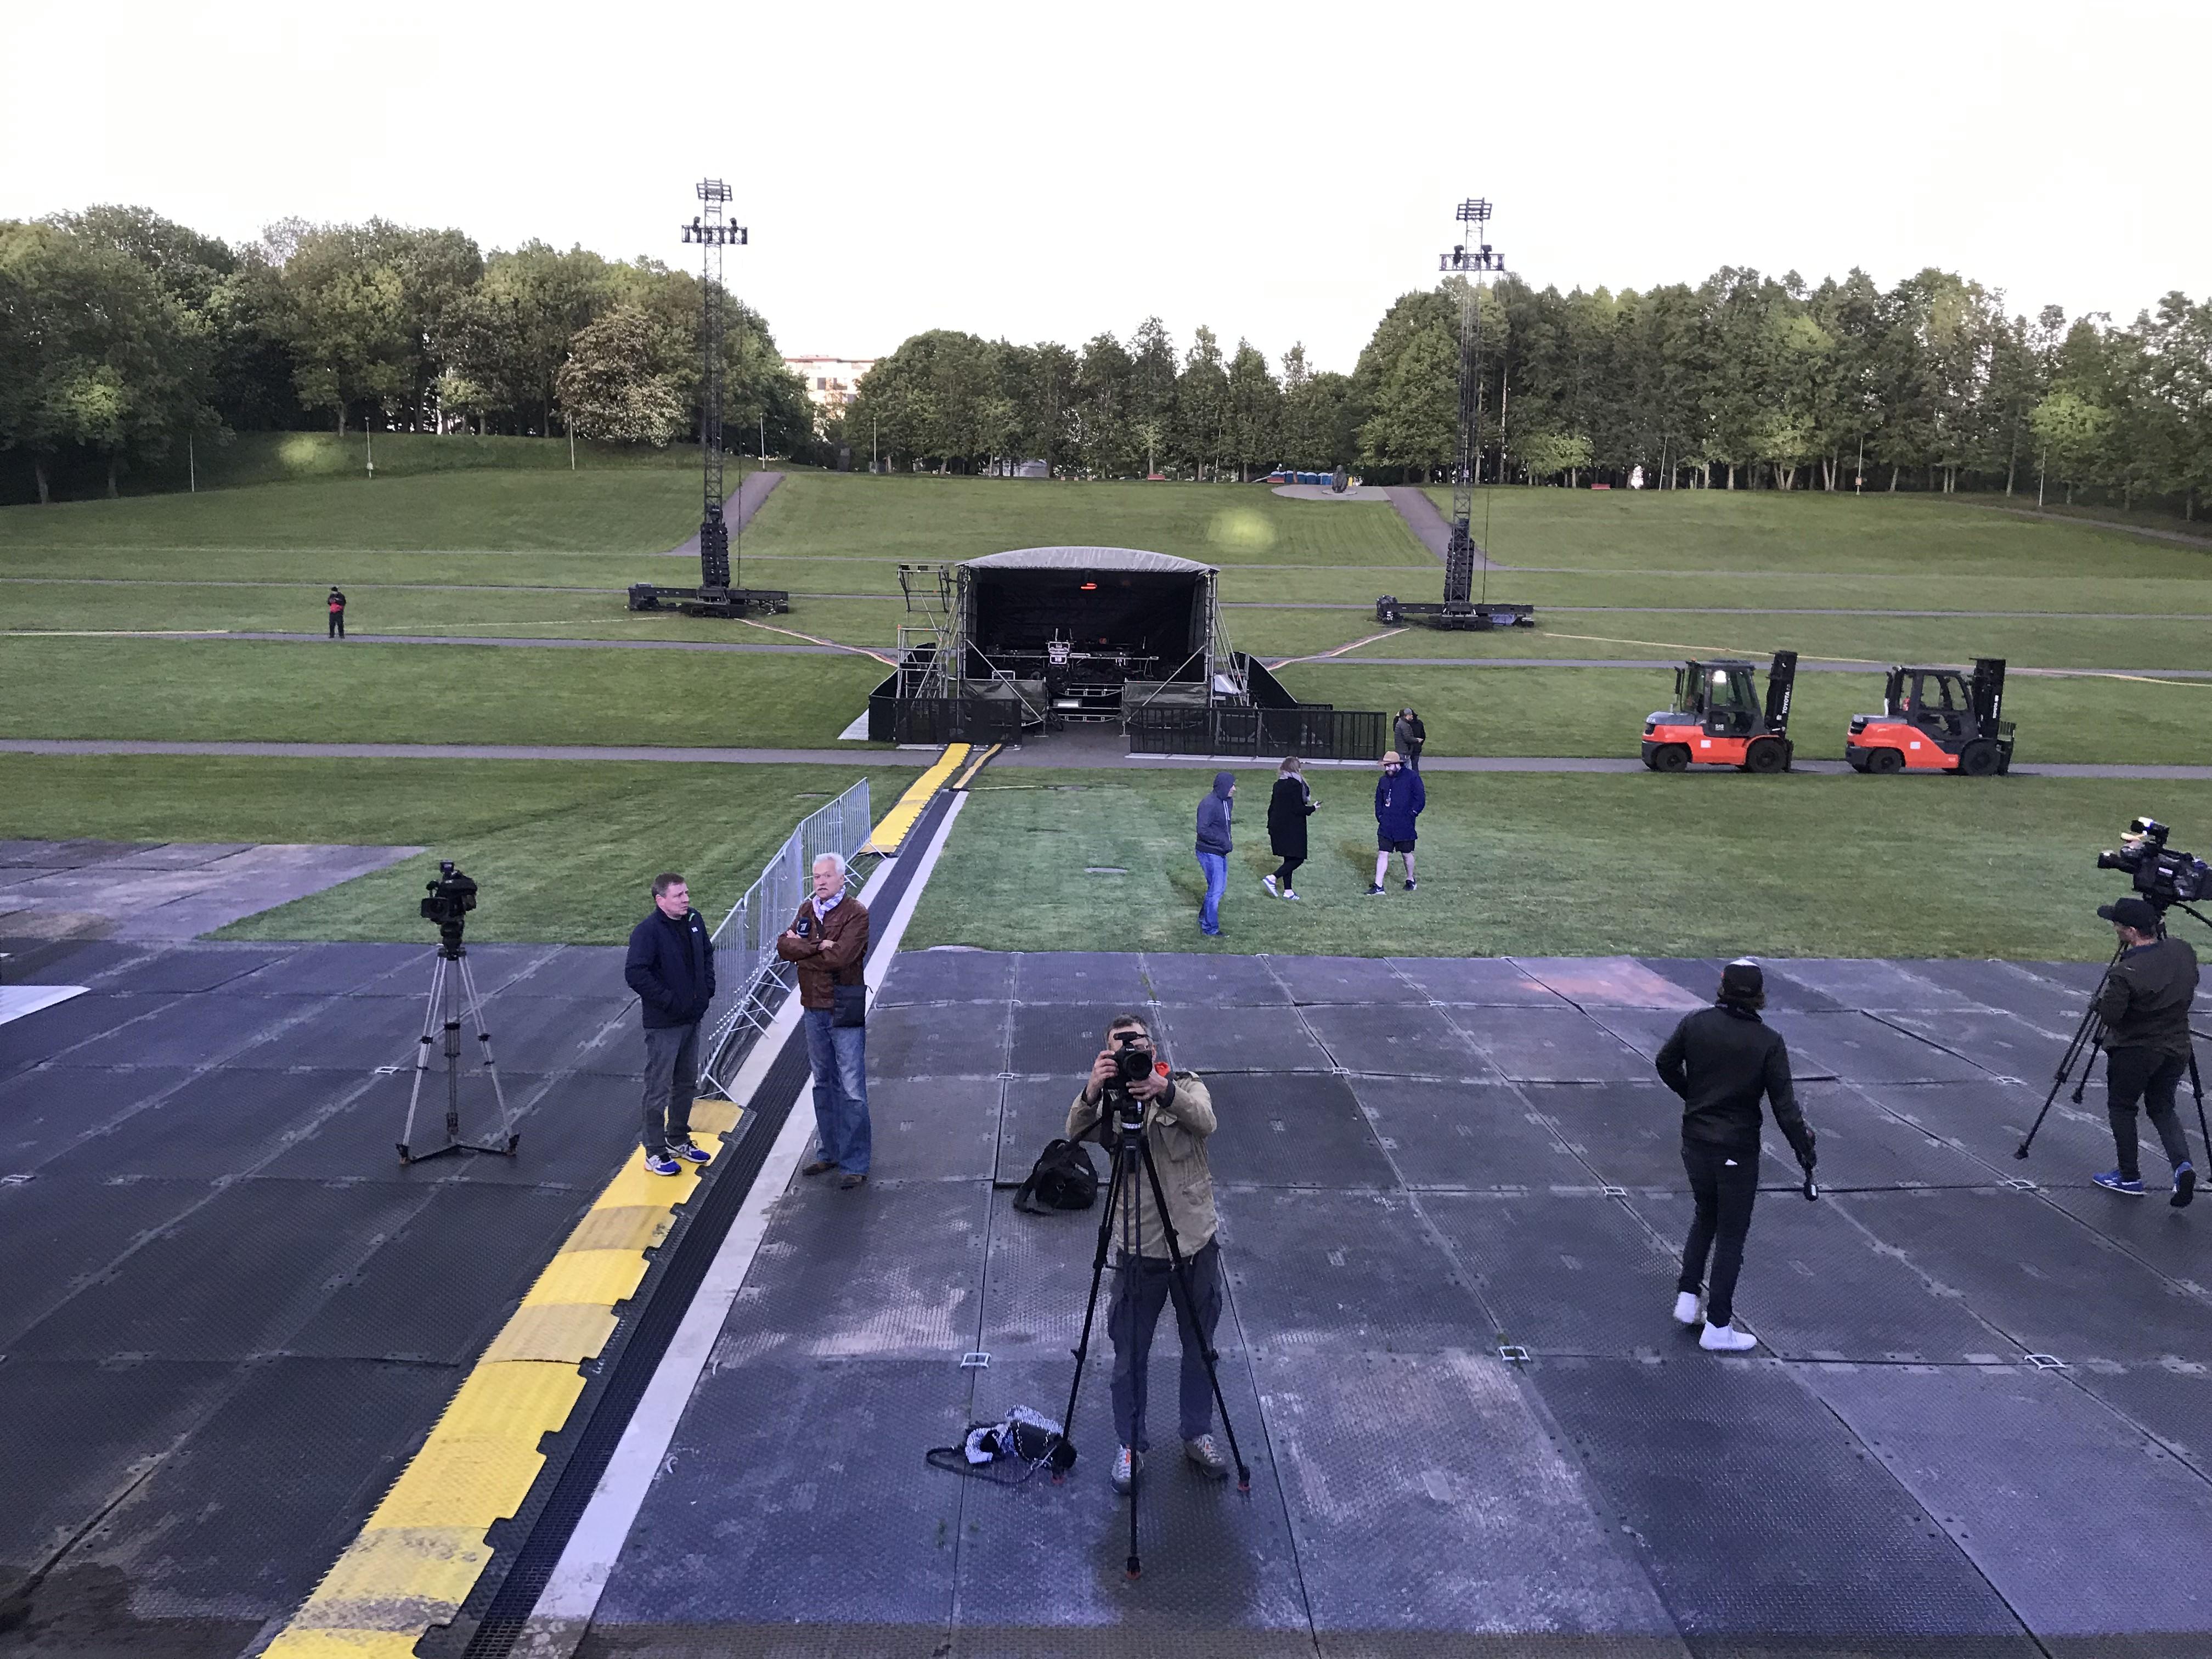 b278798ed16 Kõledal kolmapäevaõhtul ei olnud vaade veel 40 000-pealisele publikule, ent  andis kenasti aimdust, mida hakkab bänd lava kõige fännidepoolsemast osast  ...